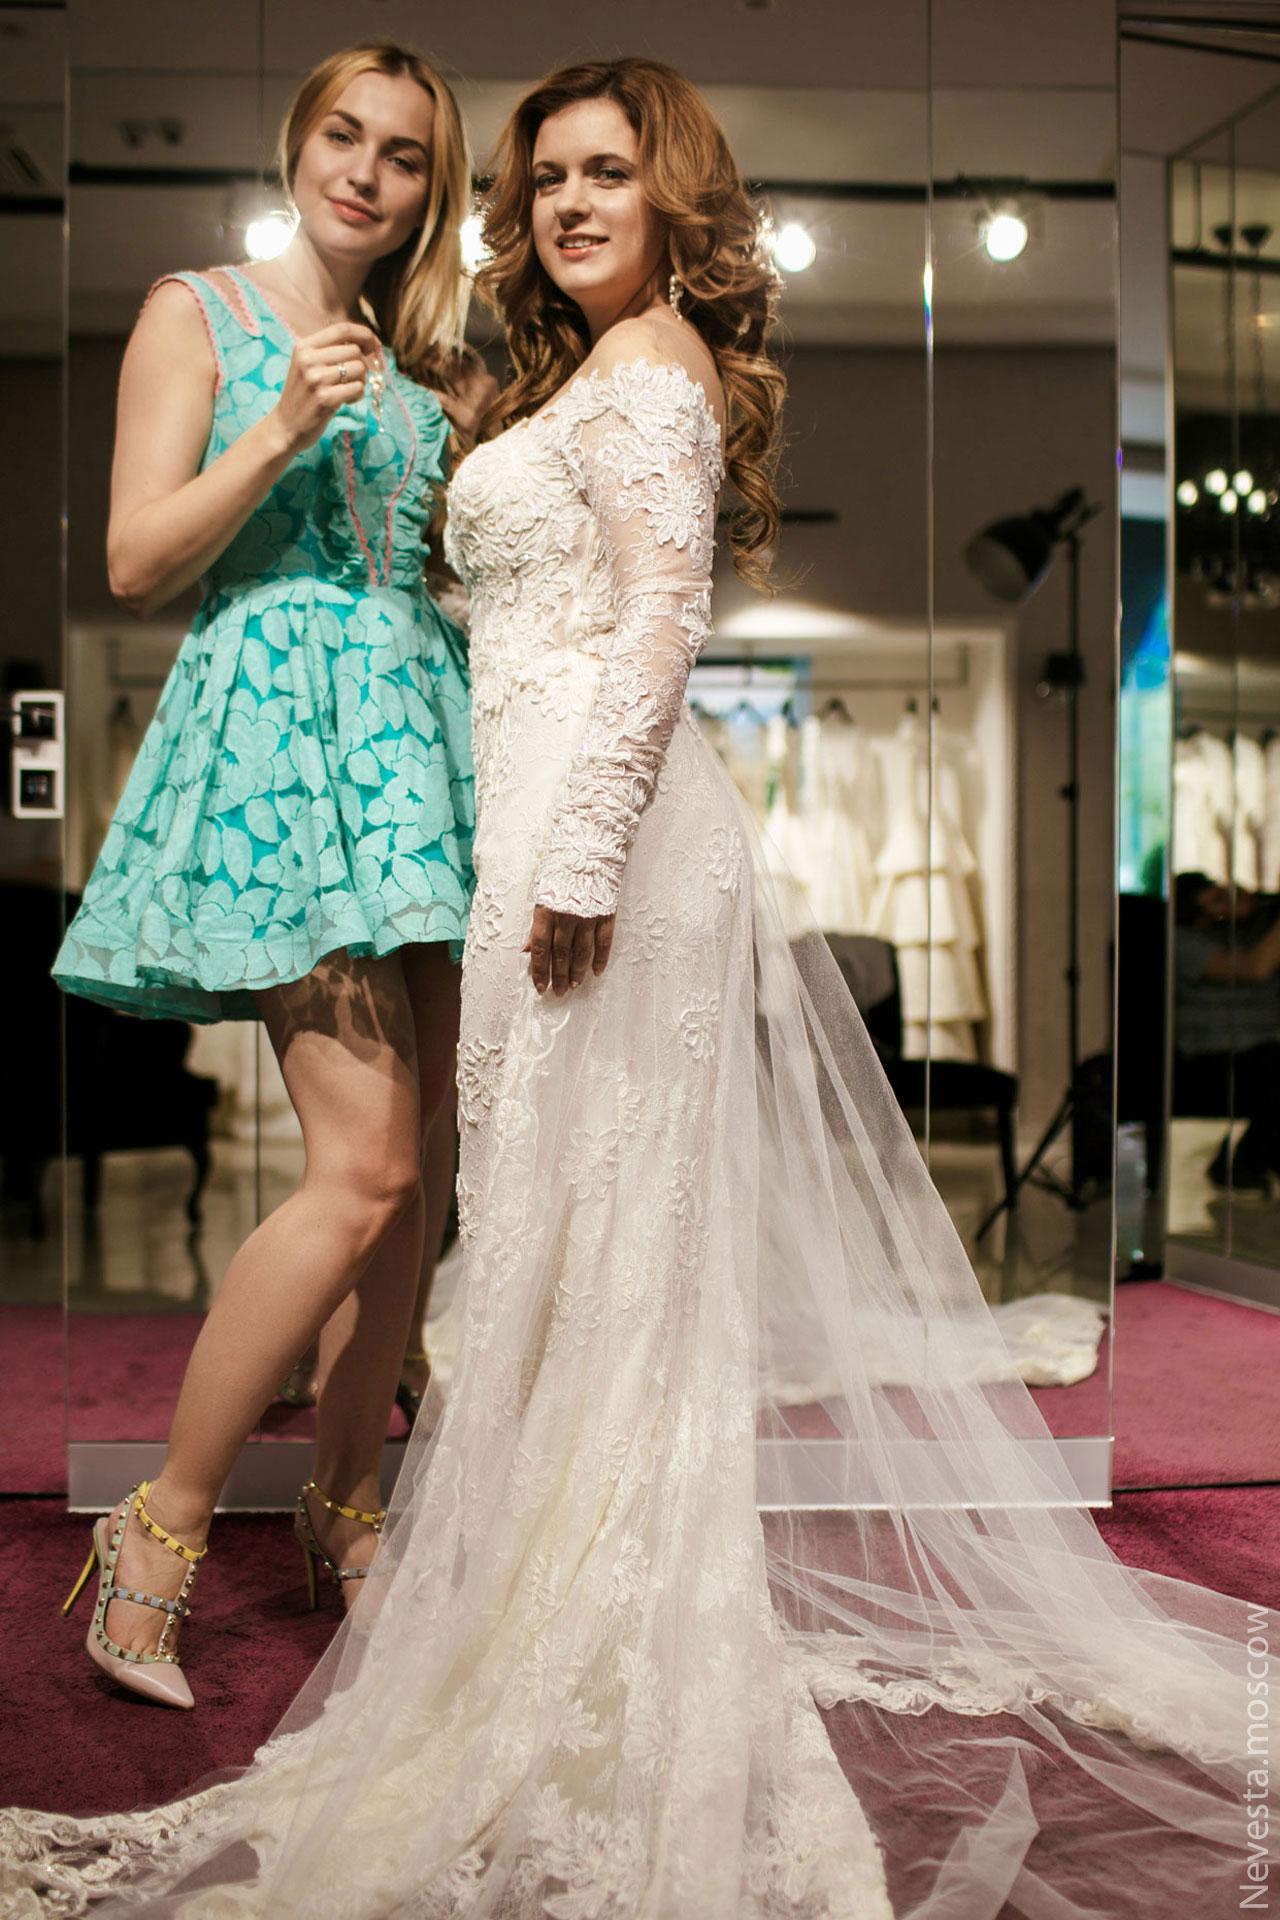 Анастасия Денисова выбирает образ для своей свадьбы фото 20